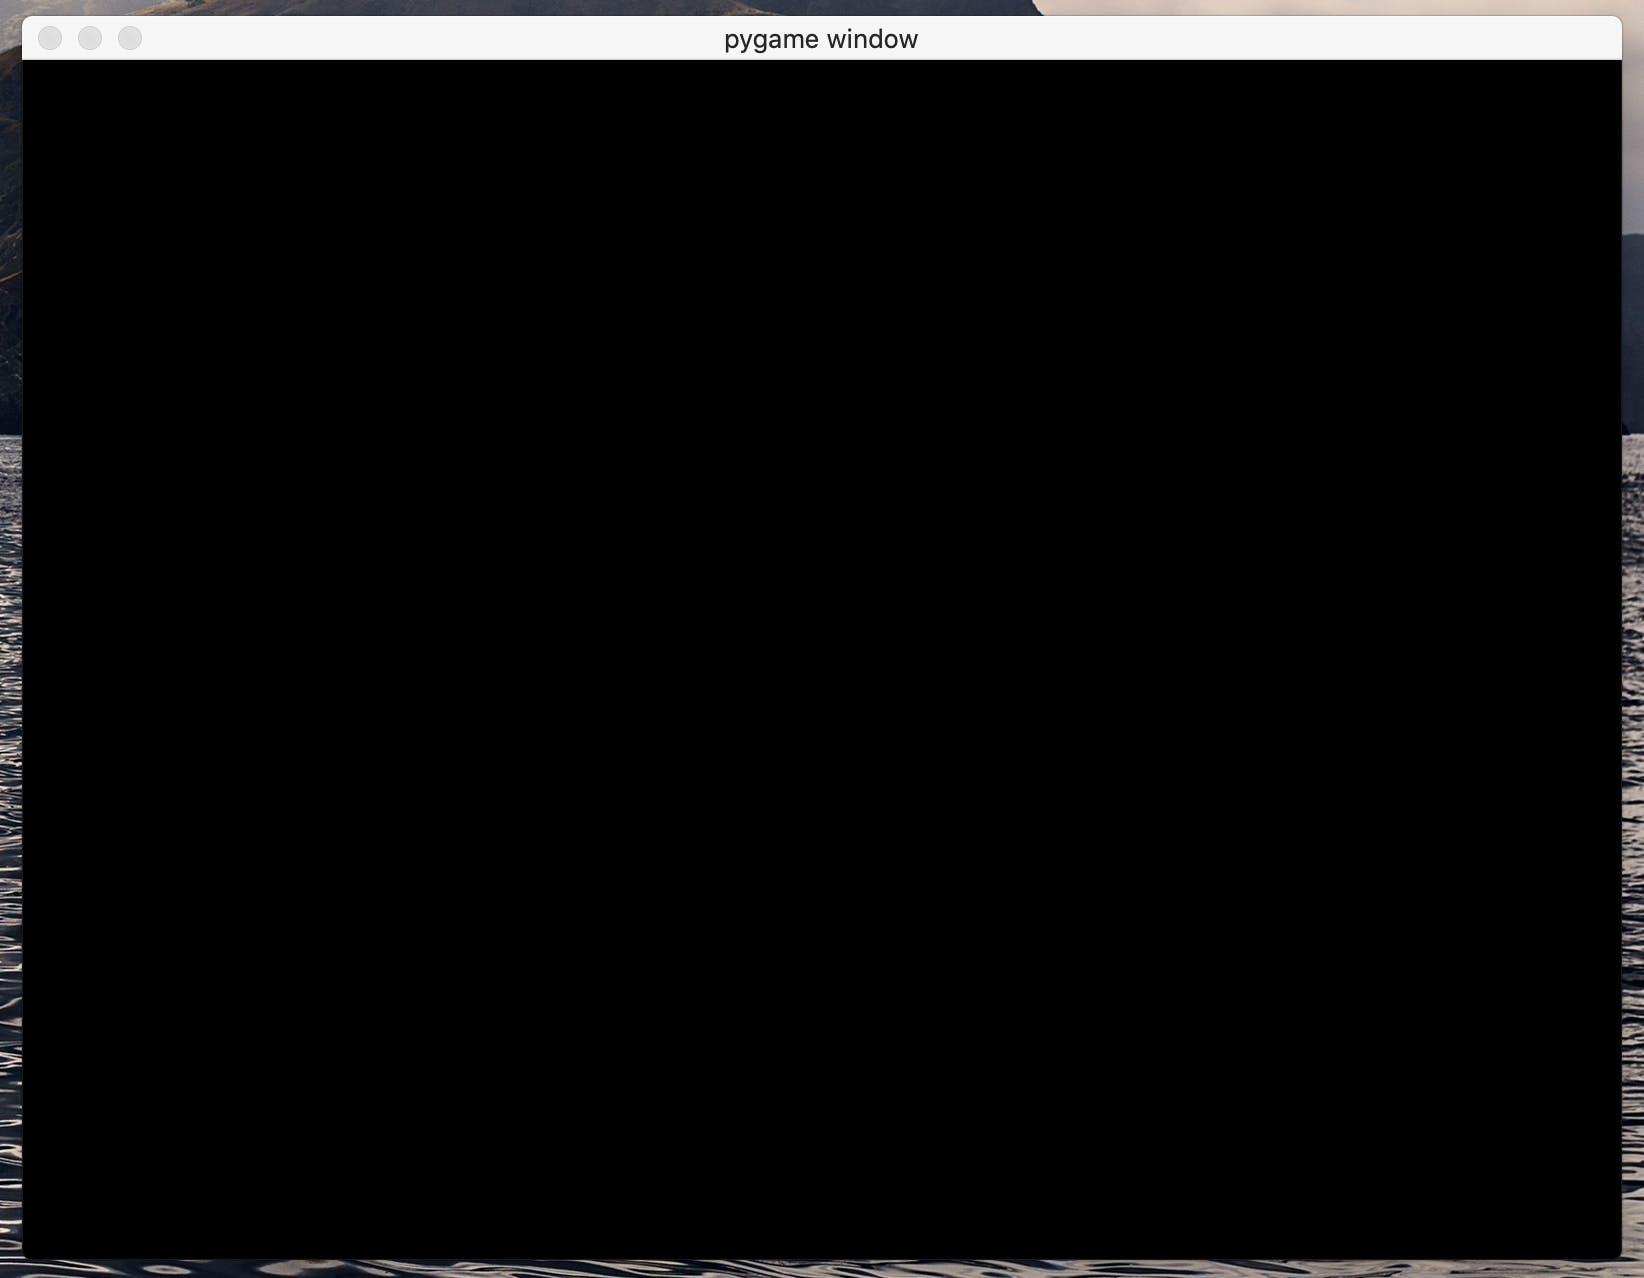 Screen Shot 2021-08-19 at 9.51.36 AM.png